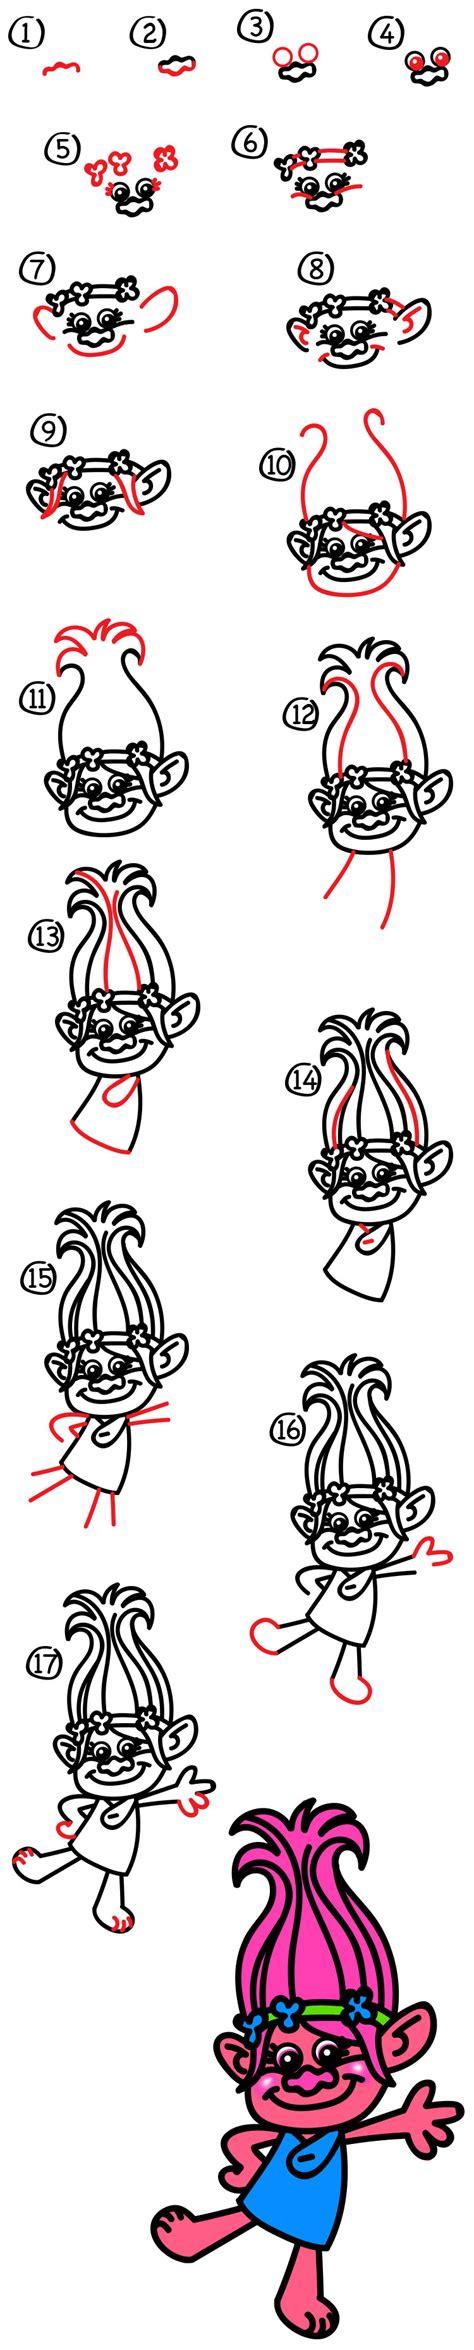 how to draw poppy from trolls